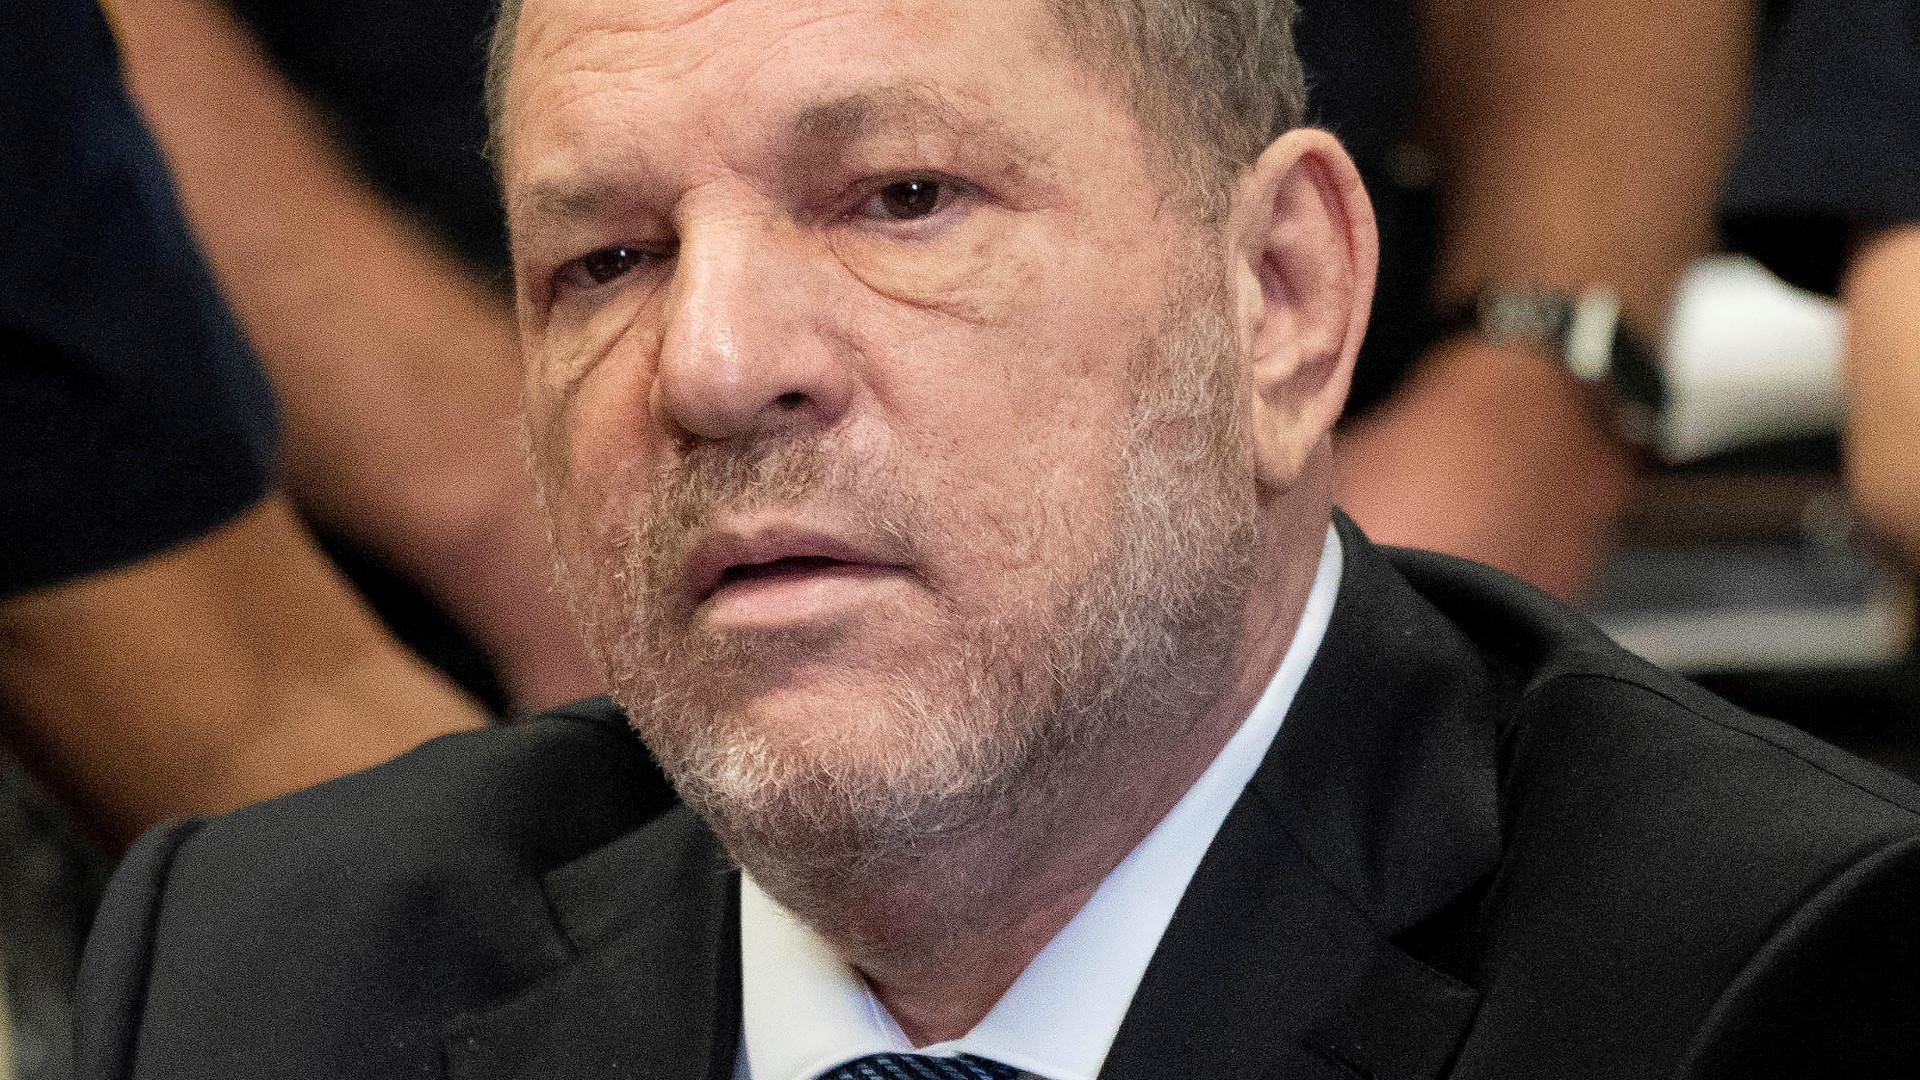 Z OSTATNIEJ CHWILI: Harvey Weinstein molestował 16-letnią aktorkę z POLSKI